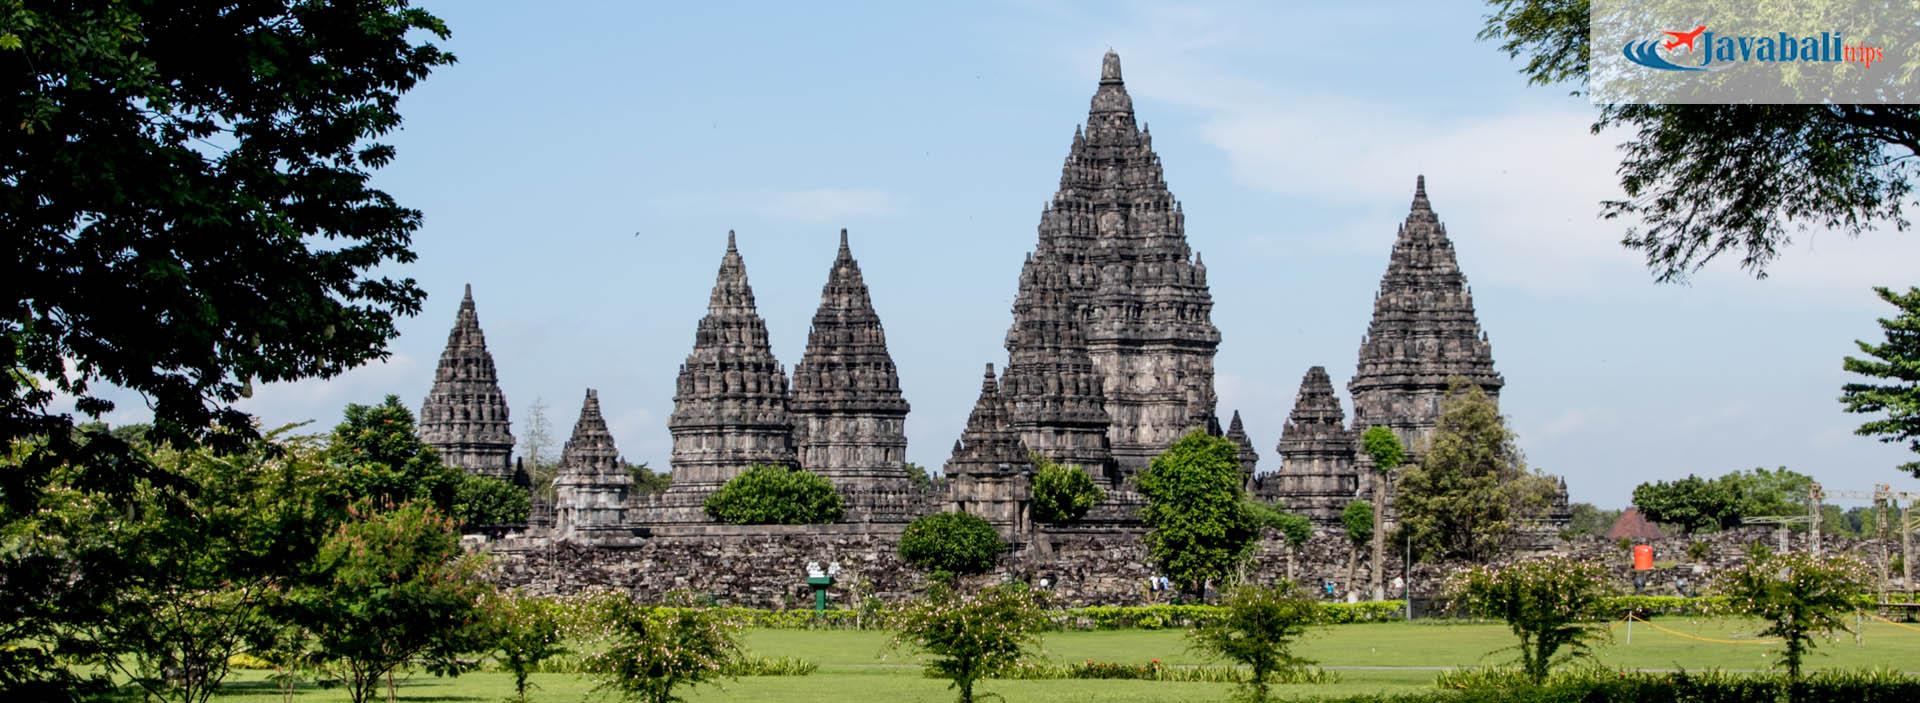 City Tour Review Yogyakarta Day By Java Bali Trips